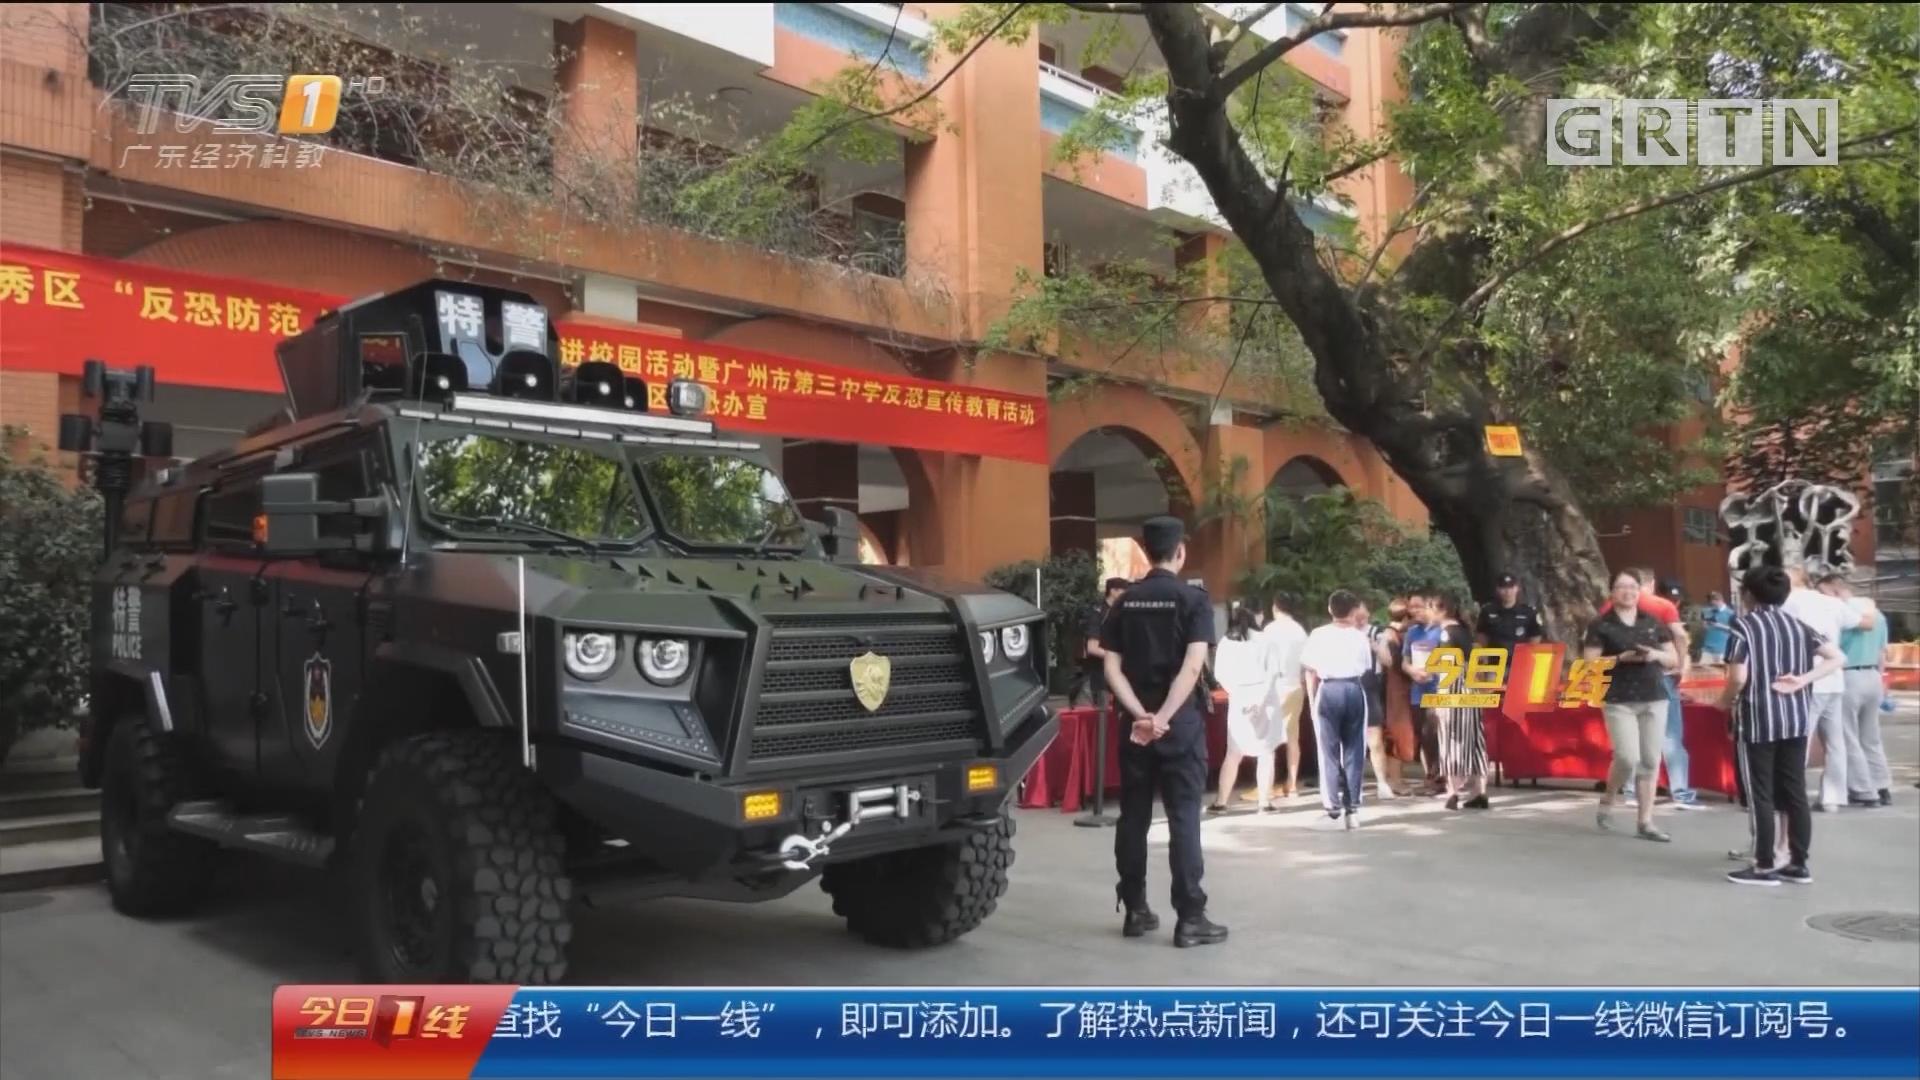 反恐宣传教育进校园:冲锋枪装甲车亮相校园 大开眼界!